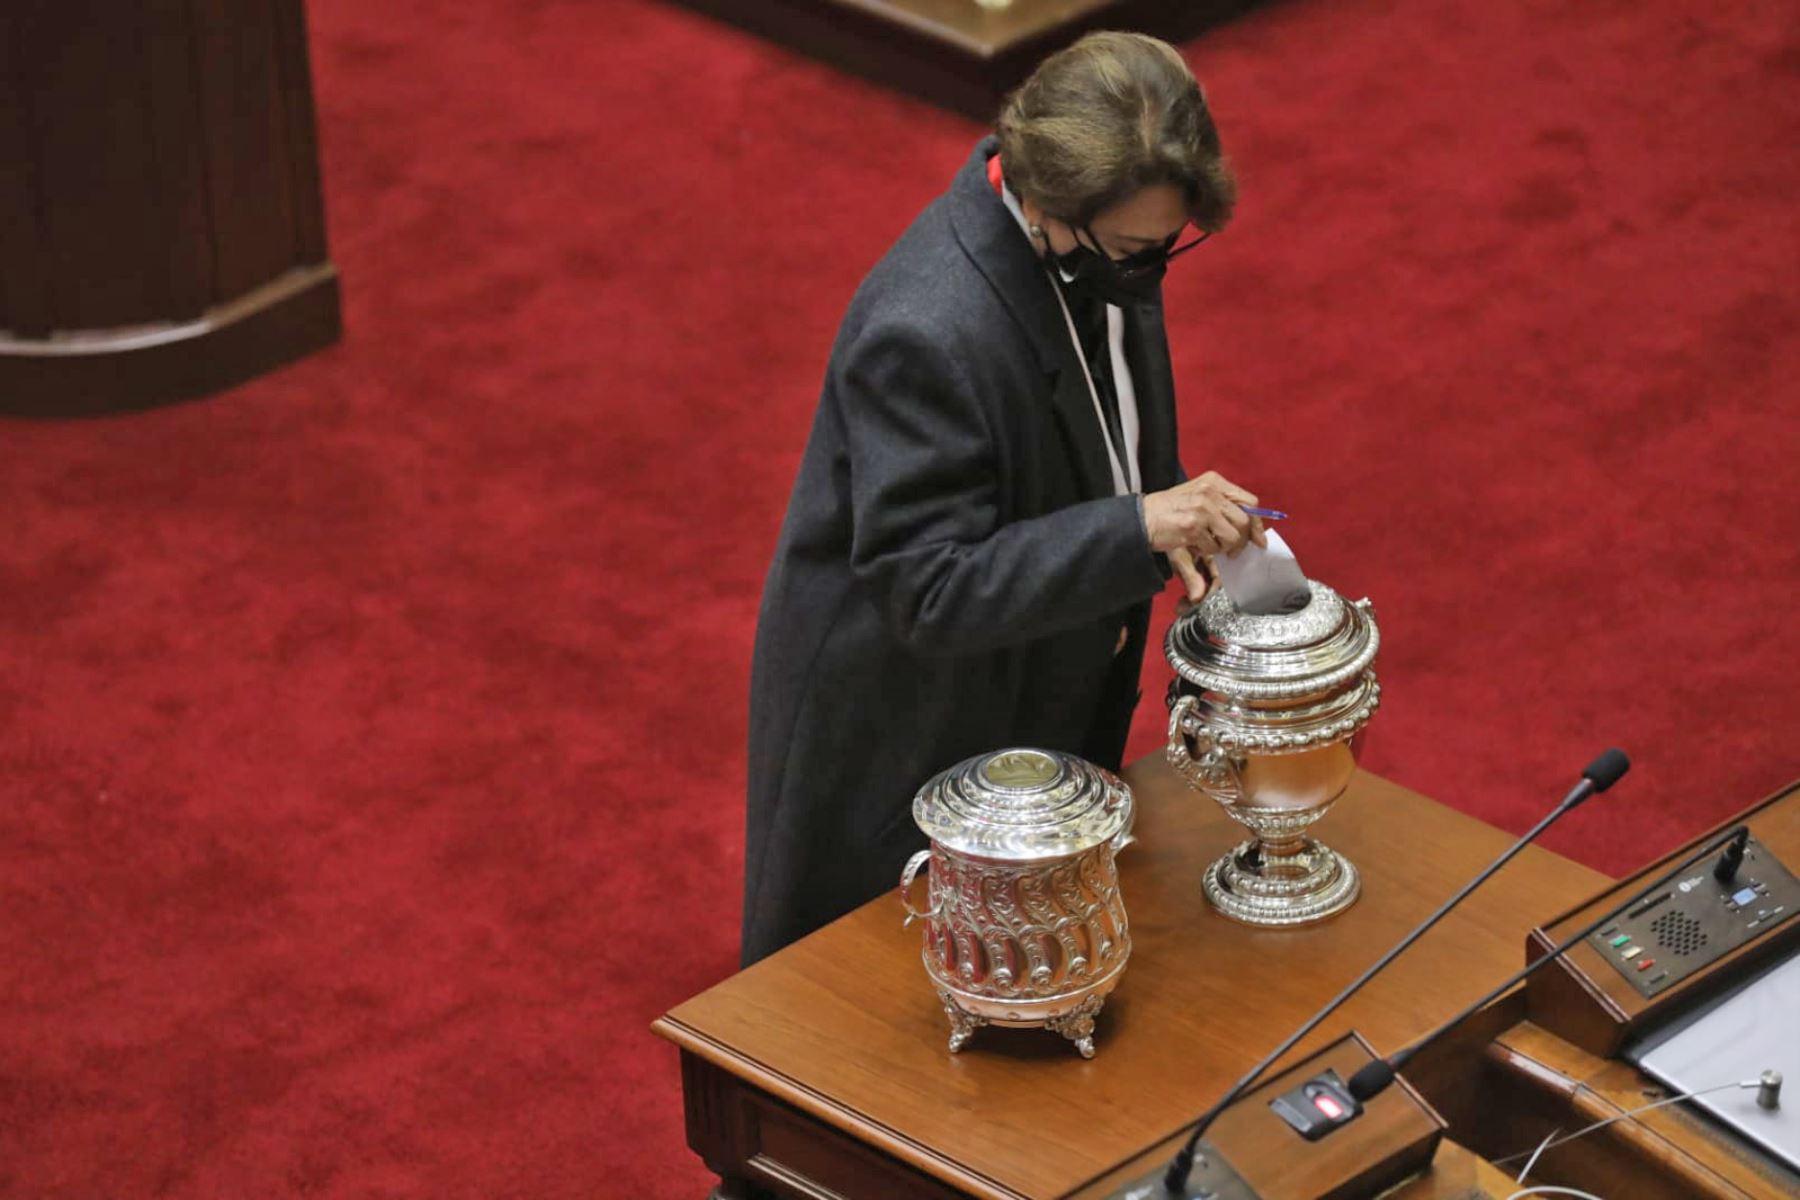 legisladora Gladys Echaíz (Alianza para el Progreso) , durante la elección de los integrantes de la Mesa Directiva para el periodo legislativo 2021-2022. Foto: Congreso